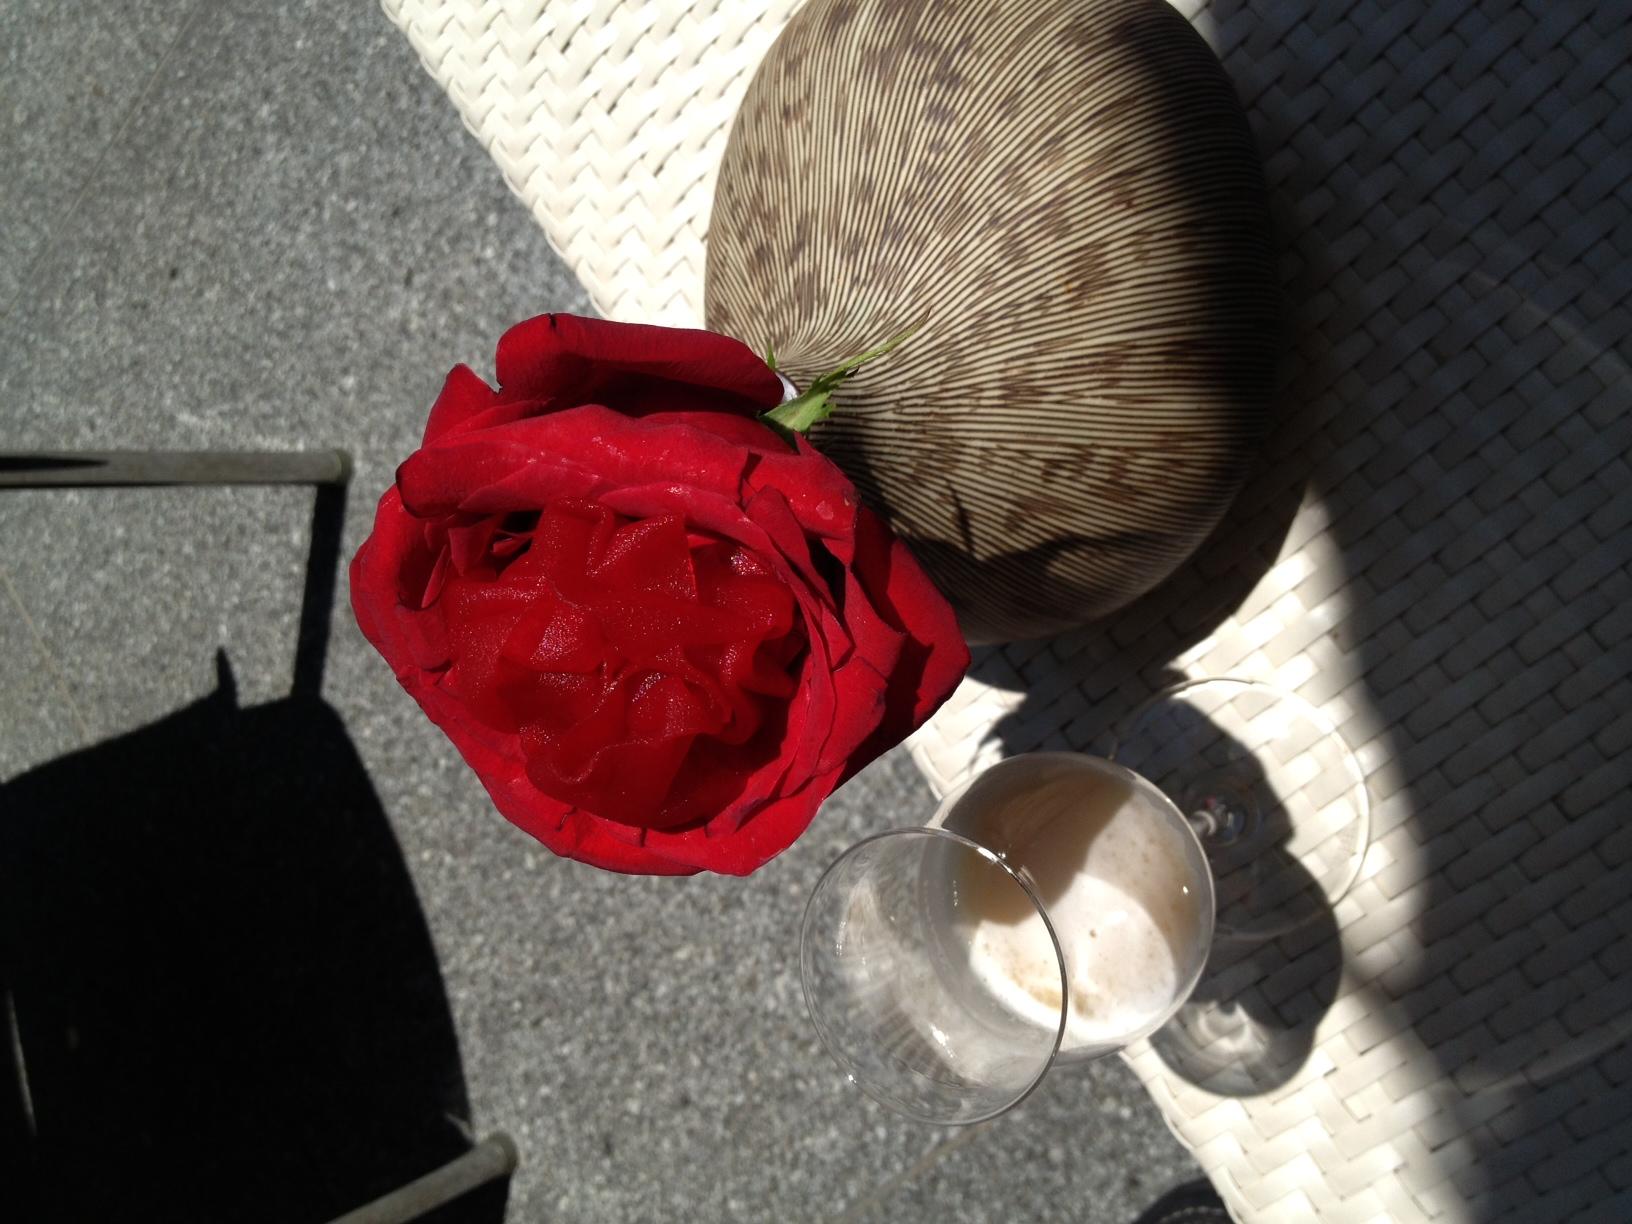 Restaurante en Denia Pétalos de rosa y gin tonic de manzana